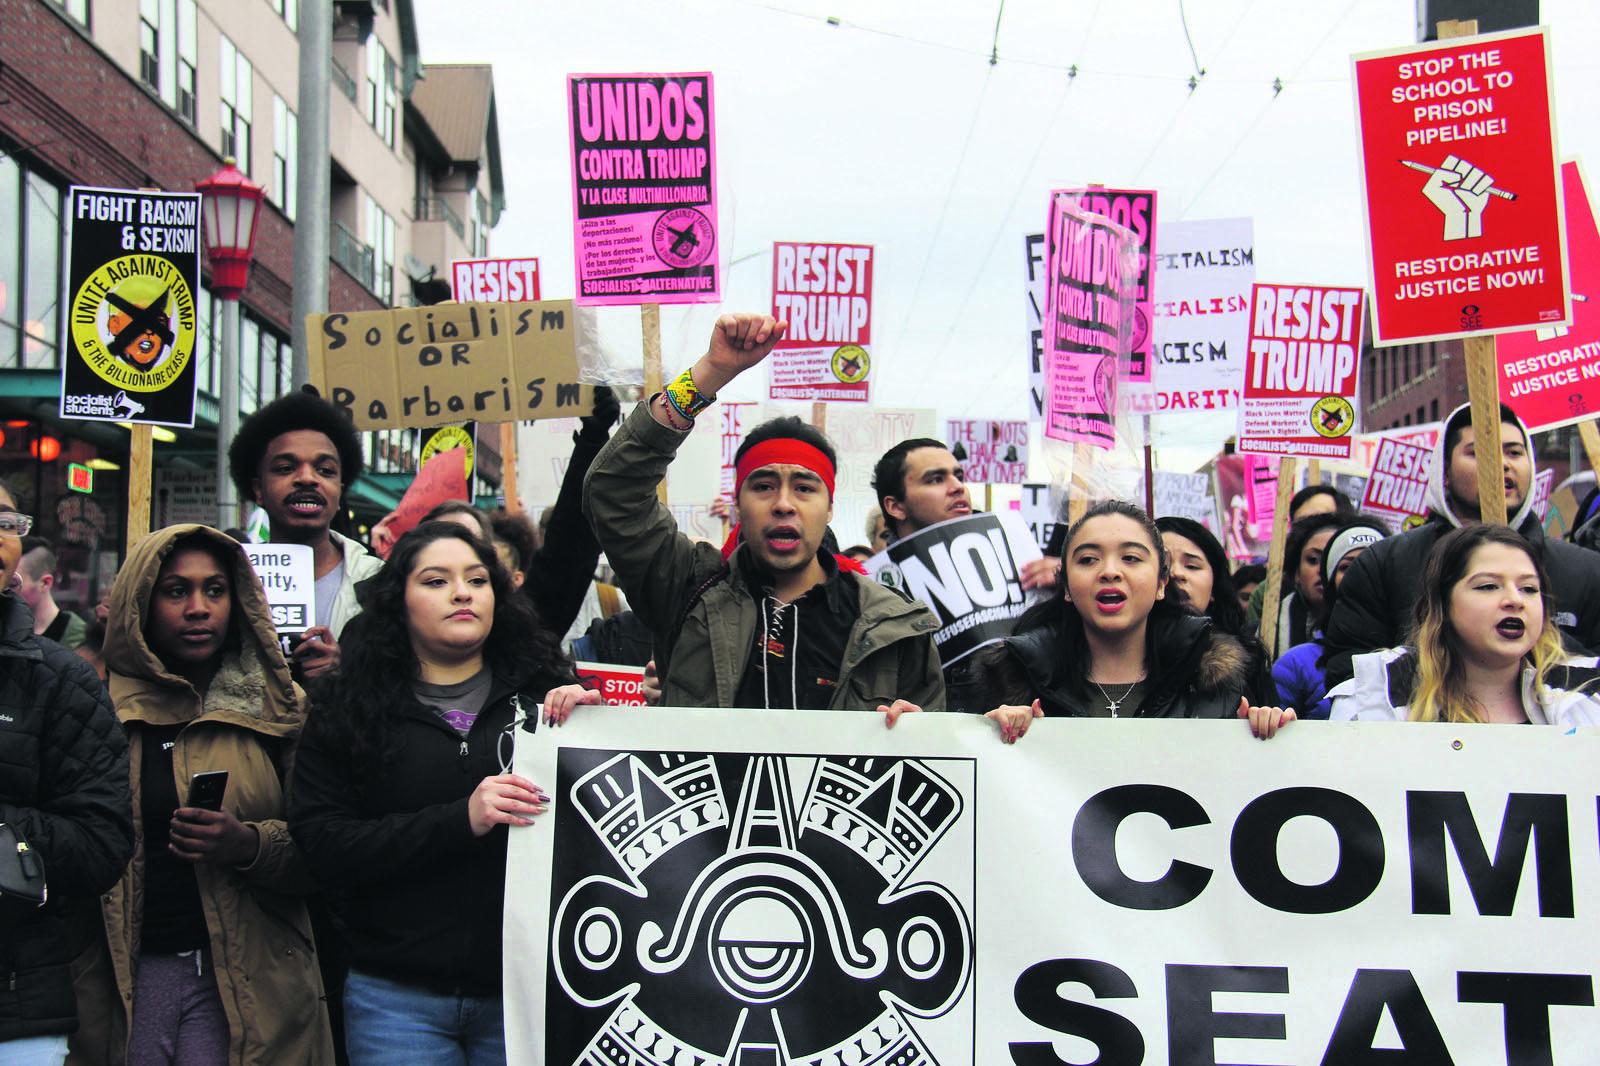 Seit der Vereidigung Donald Trumps hat sich die Protestkultur an amerikanischen Universitäten stark verändert.   [CC BY-SA 3.0], from Flickr